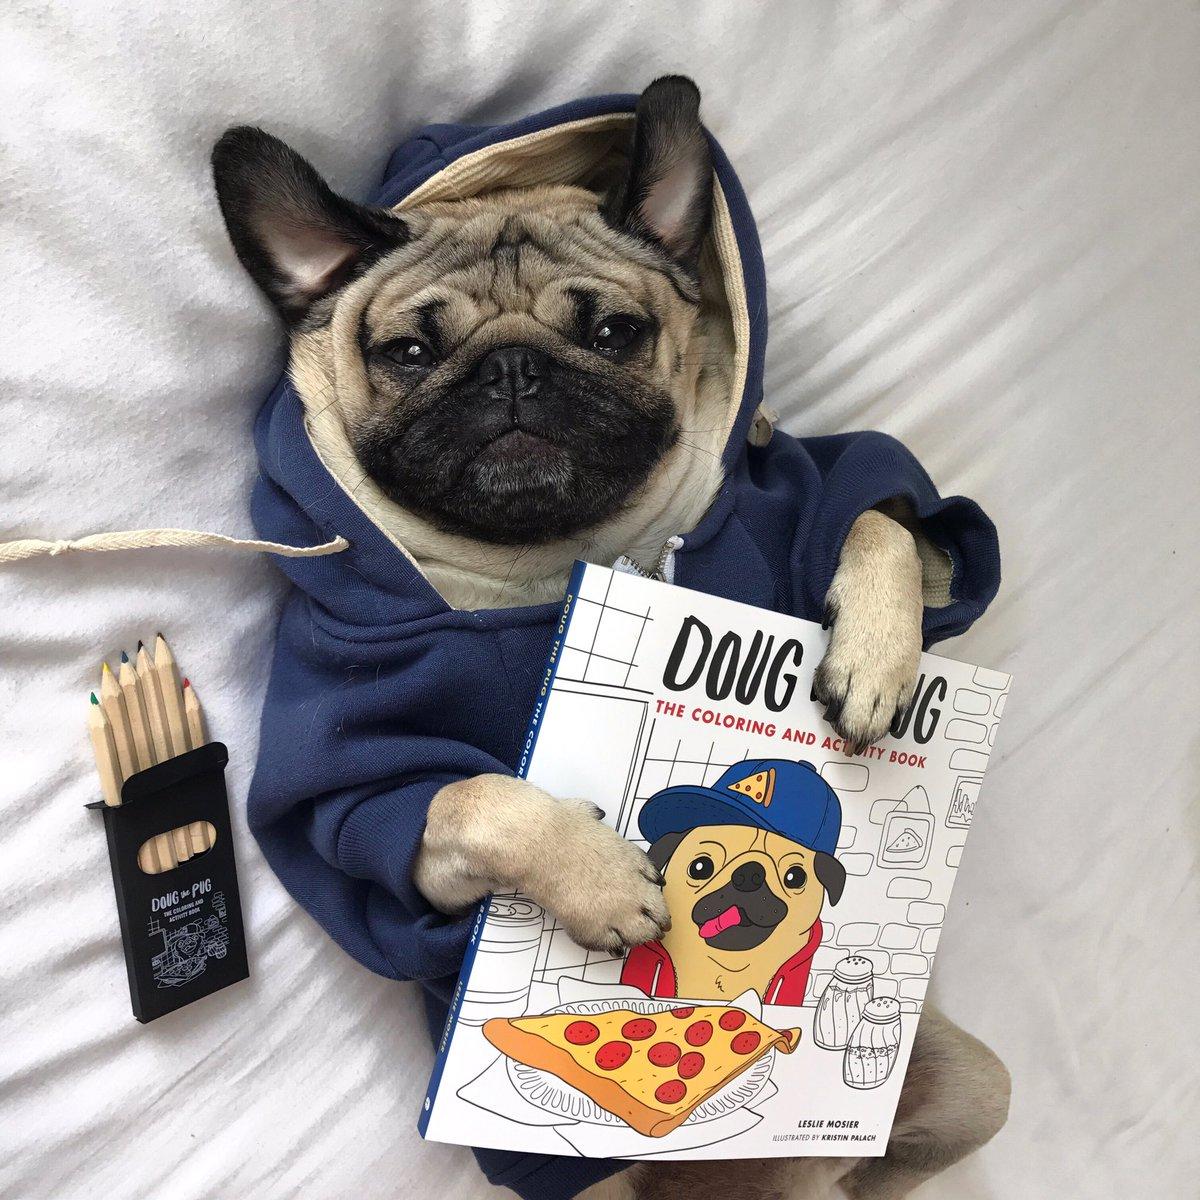 doug the pug on twitter